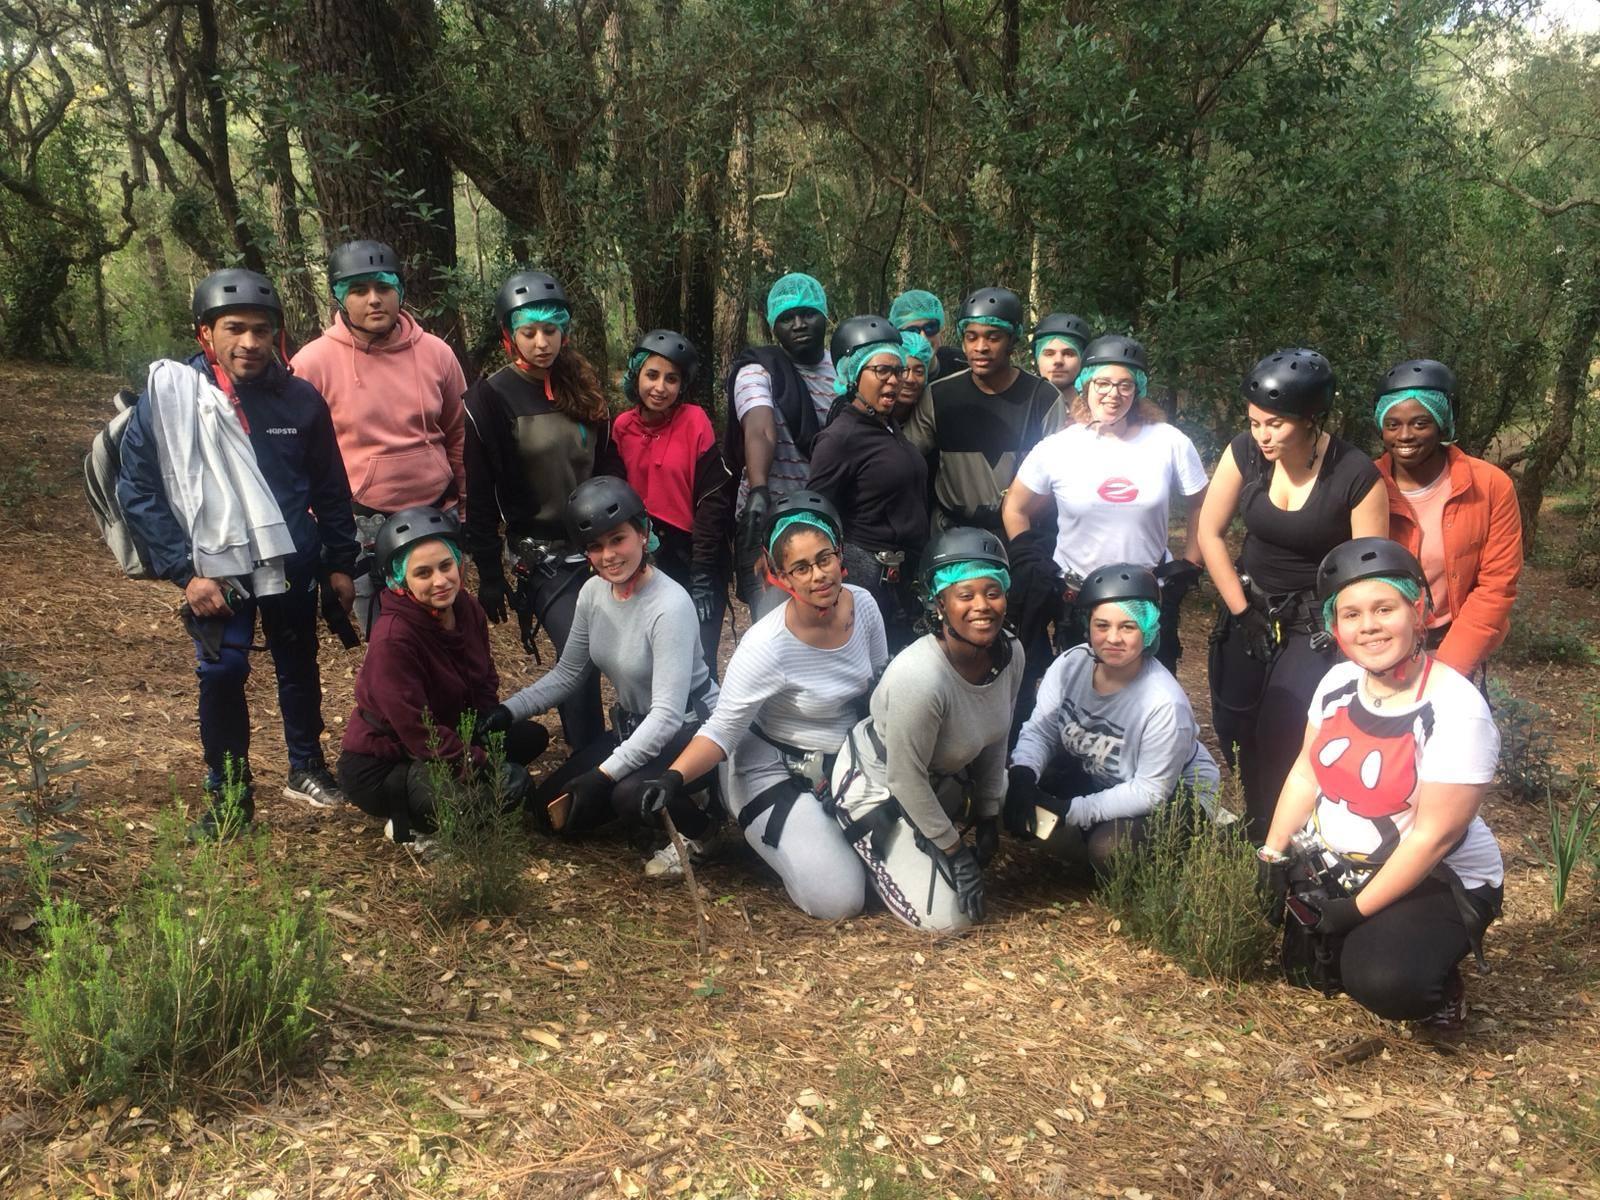 Atividades no Parque Natural do Cabeço de Montachique